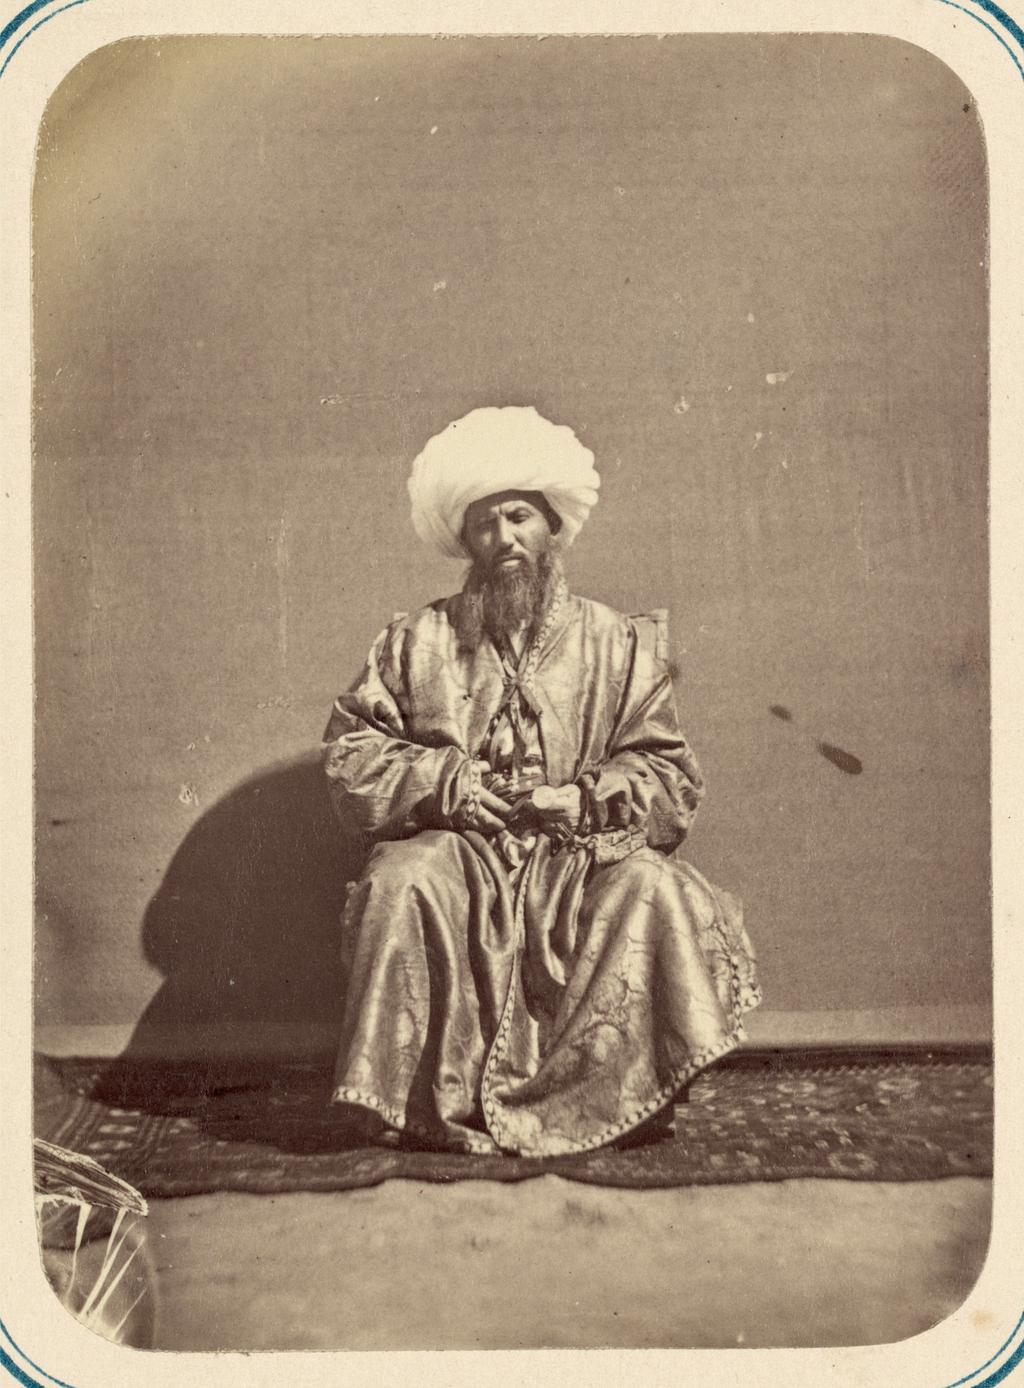 Самарканд. Часть 23. 1870. Этнографическая серия. Вып. 3